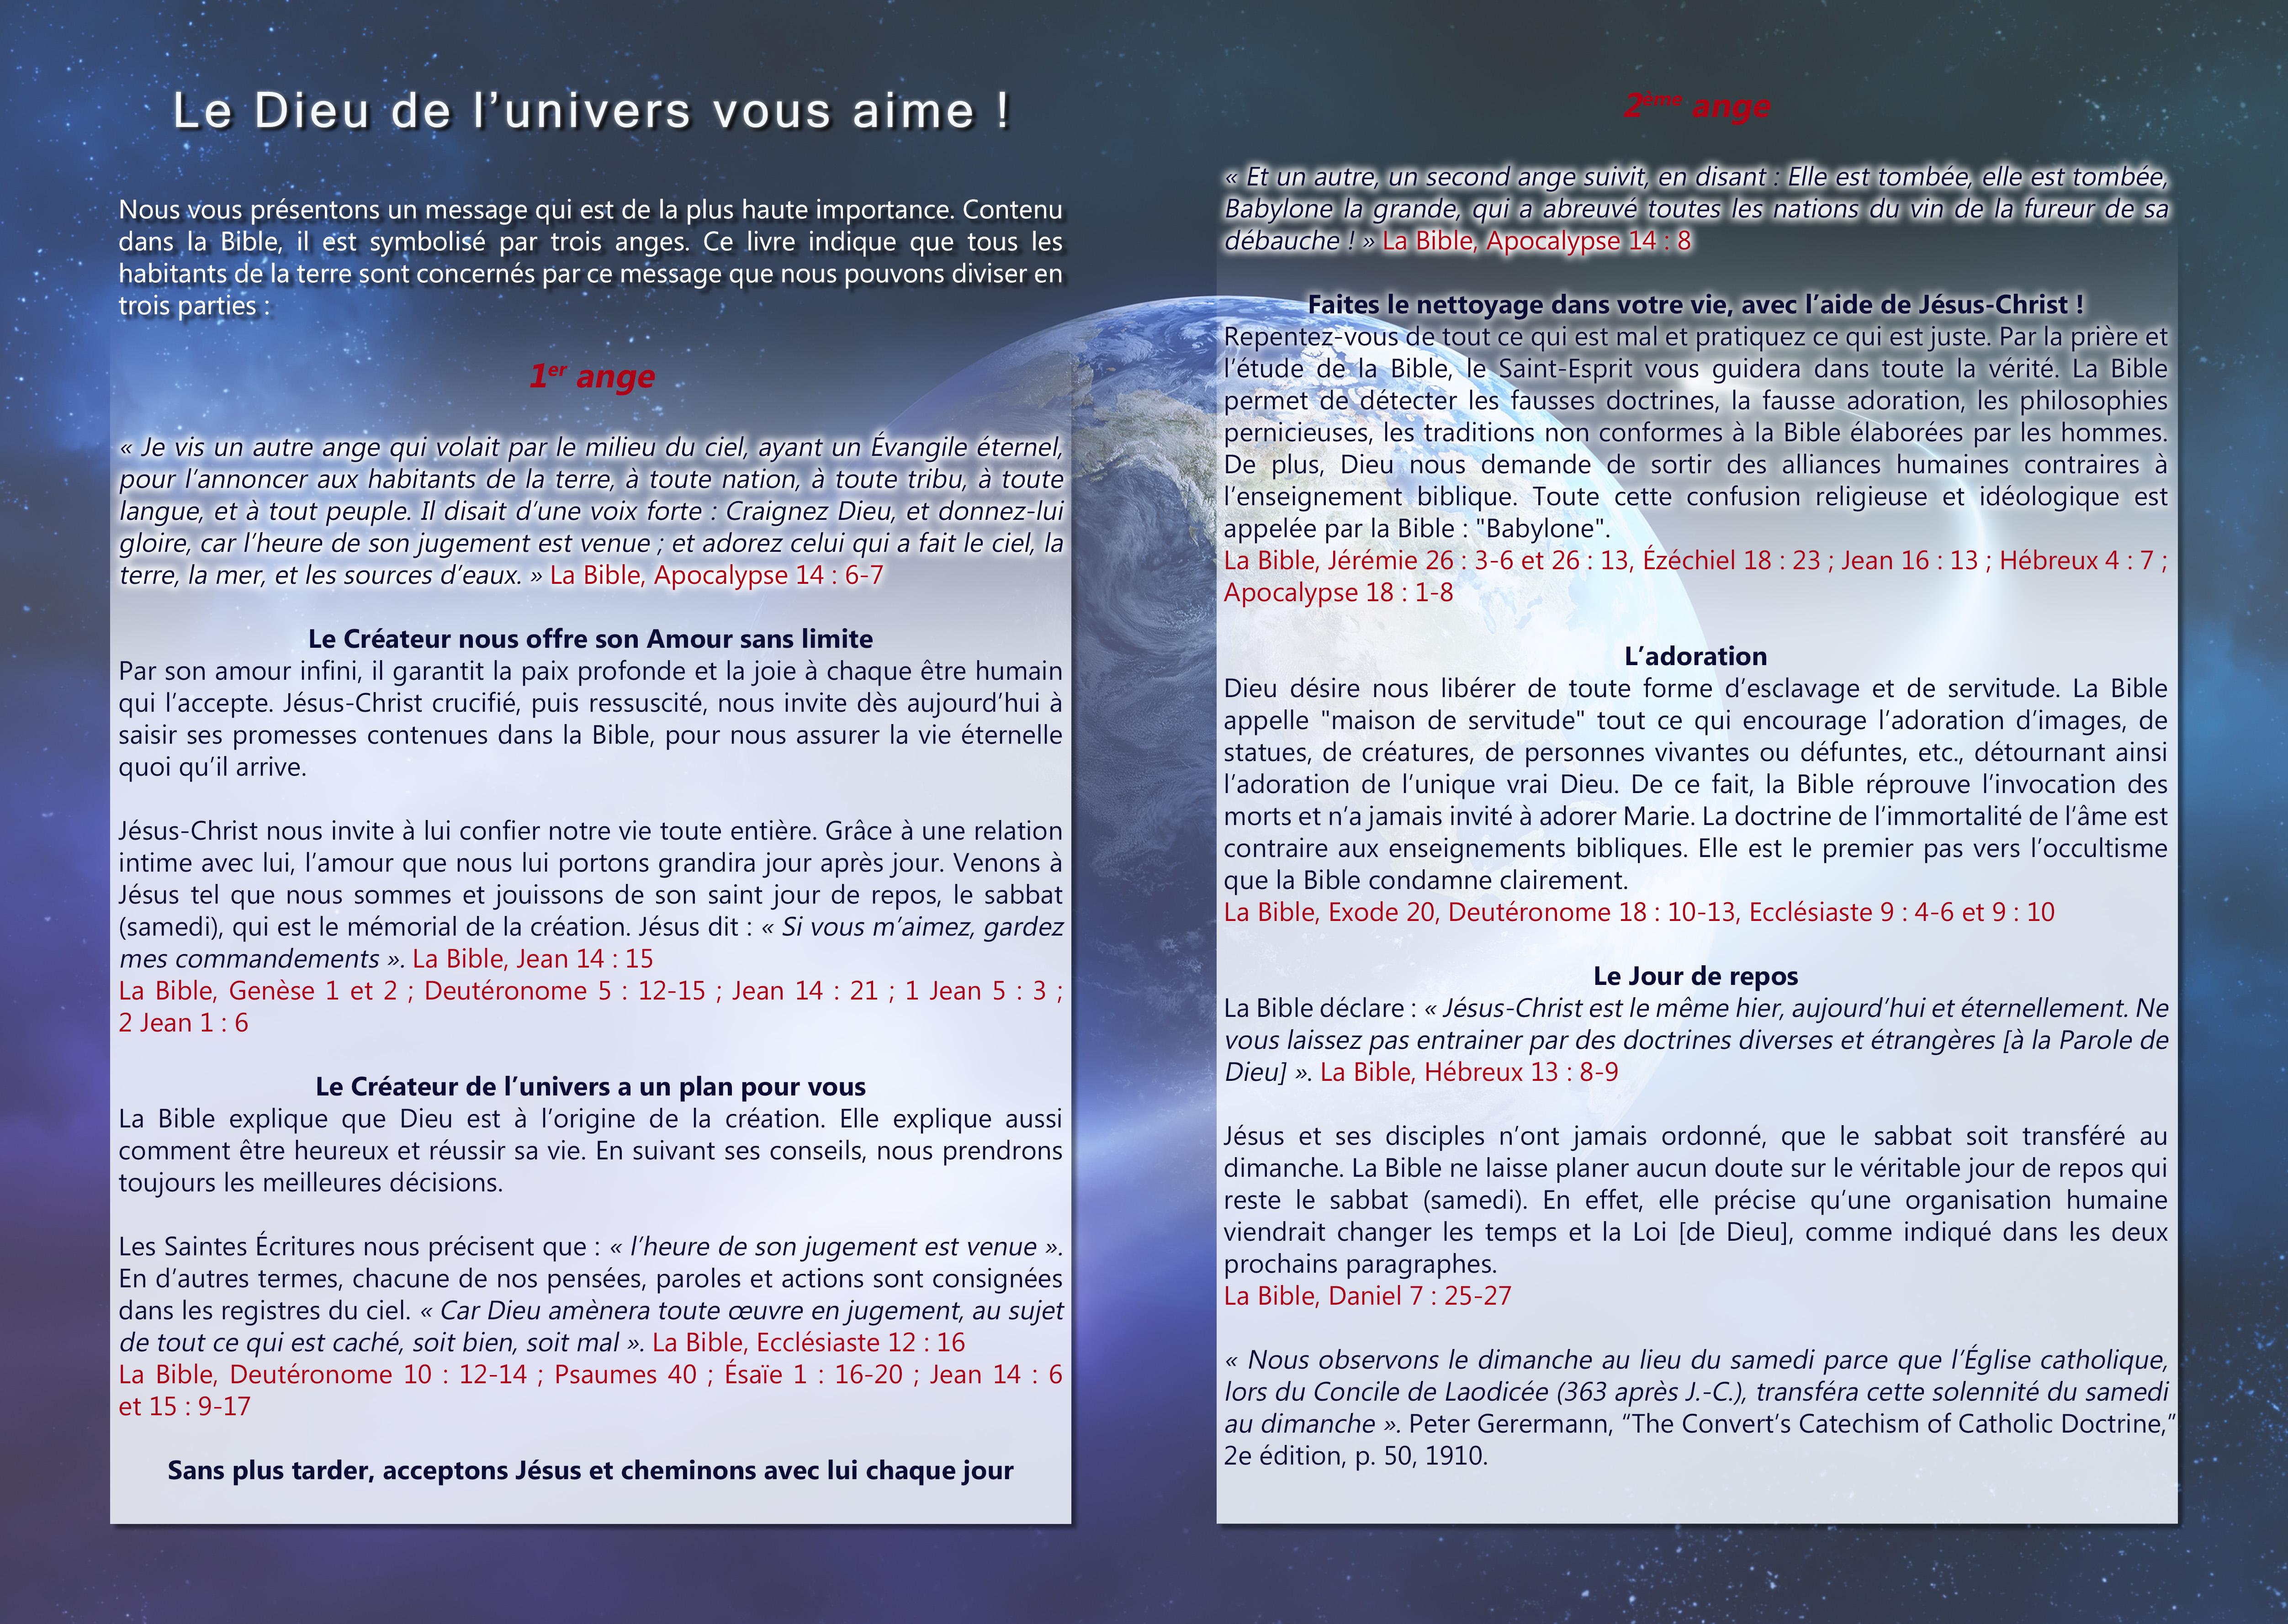 Dépliant_La_solution_2.2_-FranceBIBLE-_©Copyright_(1)